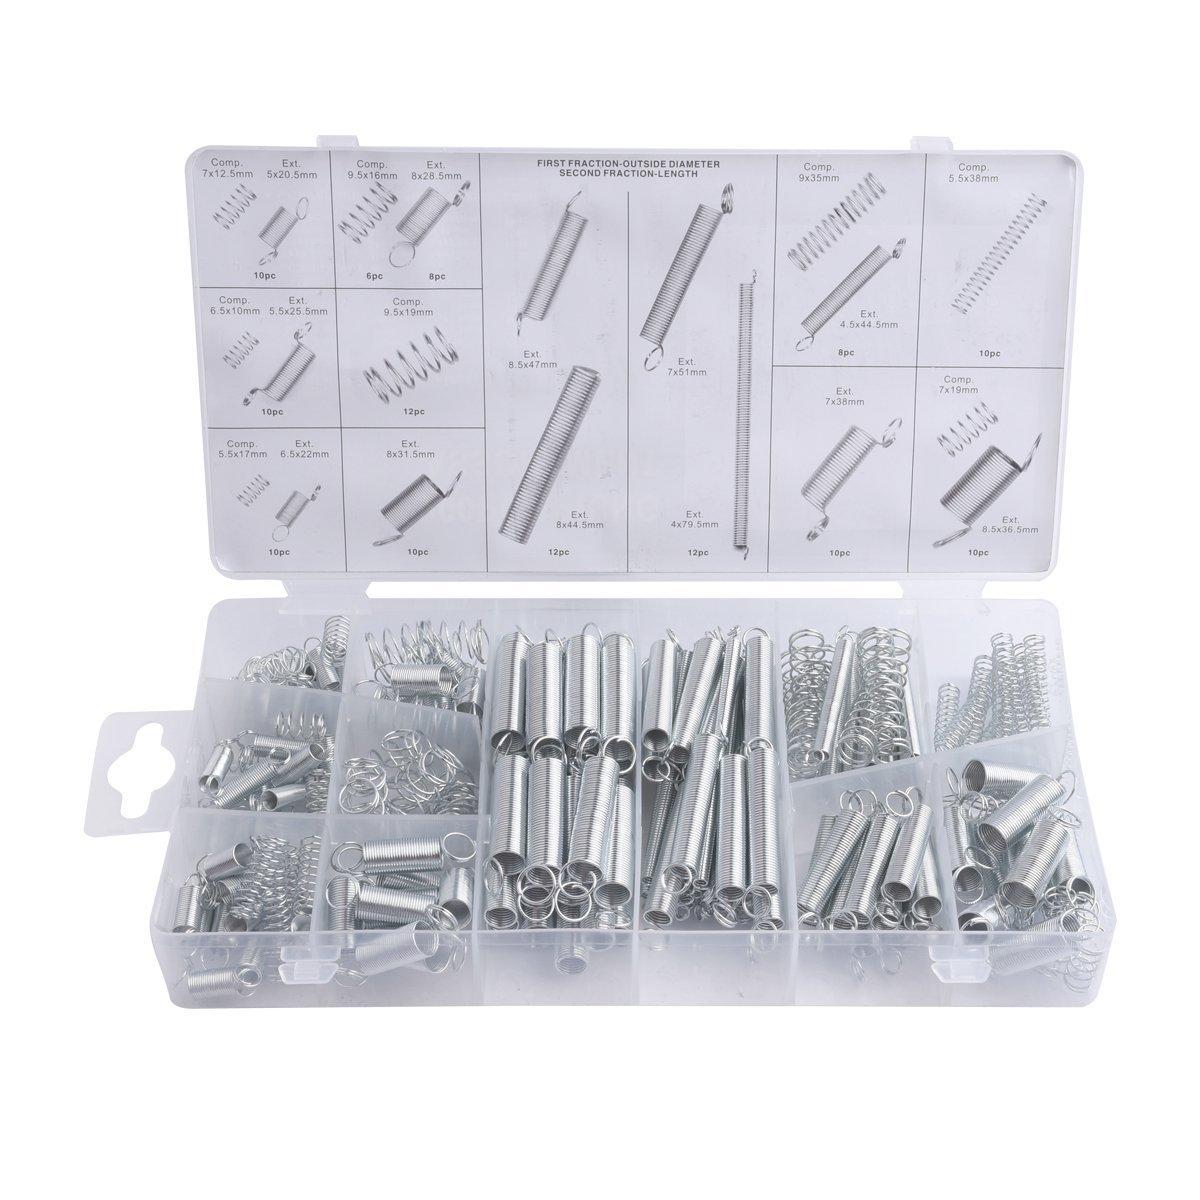 MINGZE 200 Stü ck Federn Sortiment, Druckfedern, Spannfedern, Zugfeder Stahl Verzinkt Reparatur Werkzeugset